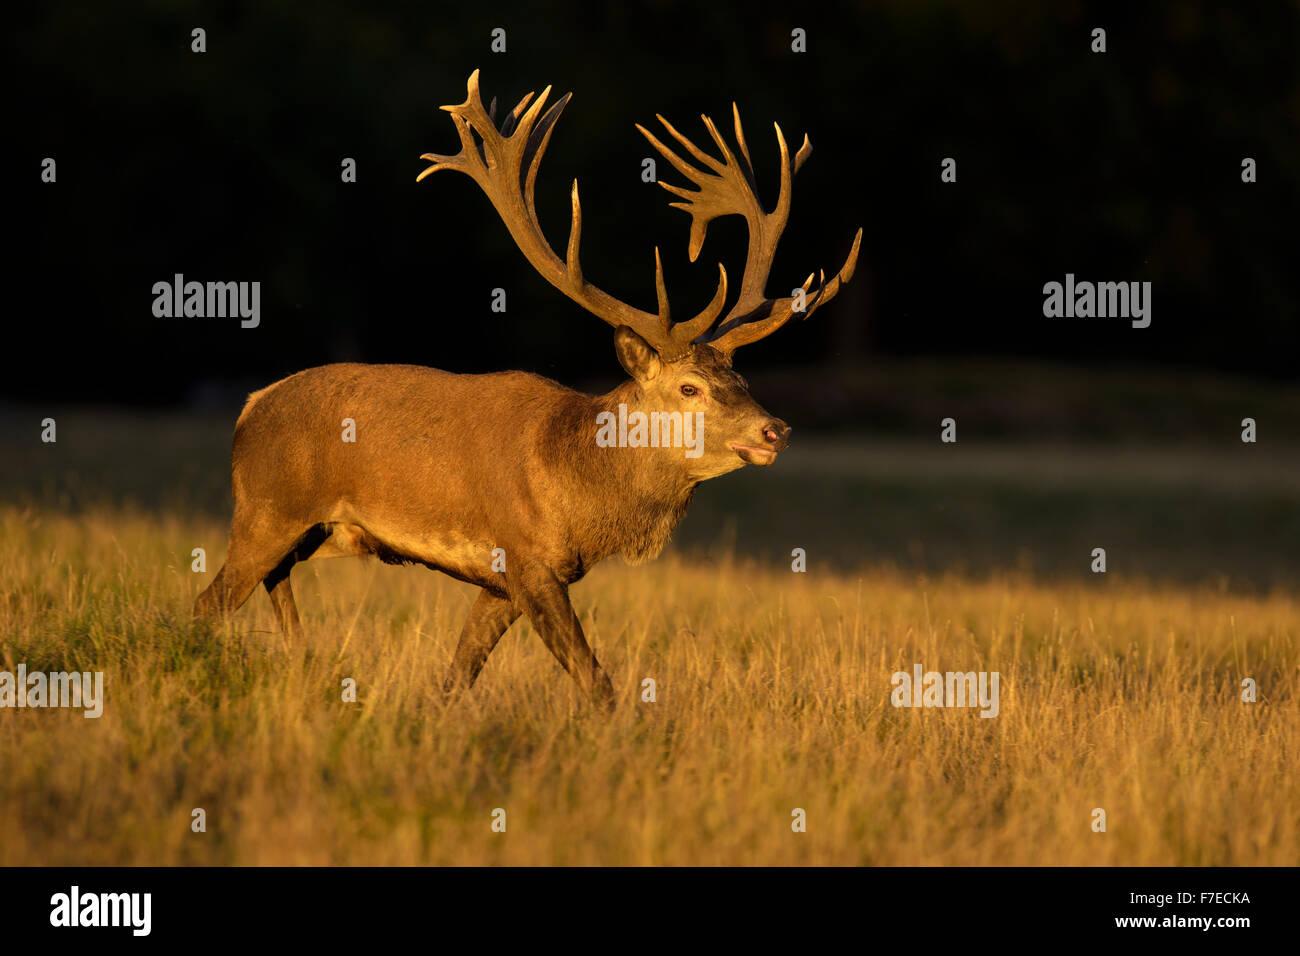 Red deer (Cervus elaphus), Royal Stag in last light, Zealand, Denmark - Stock Image